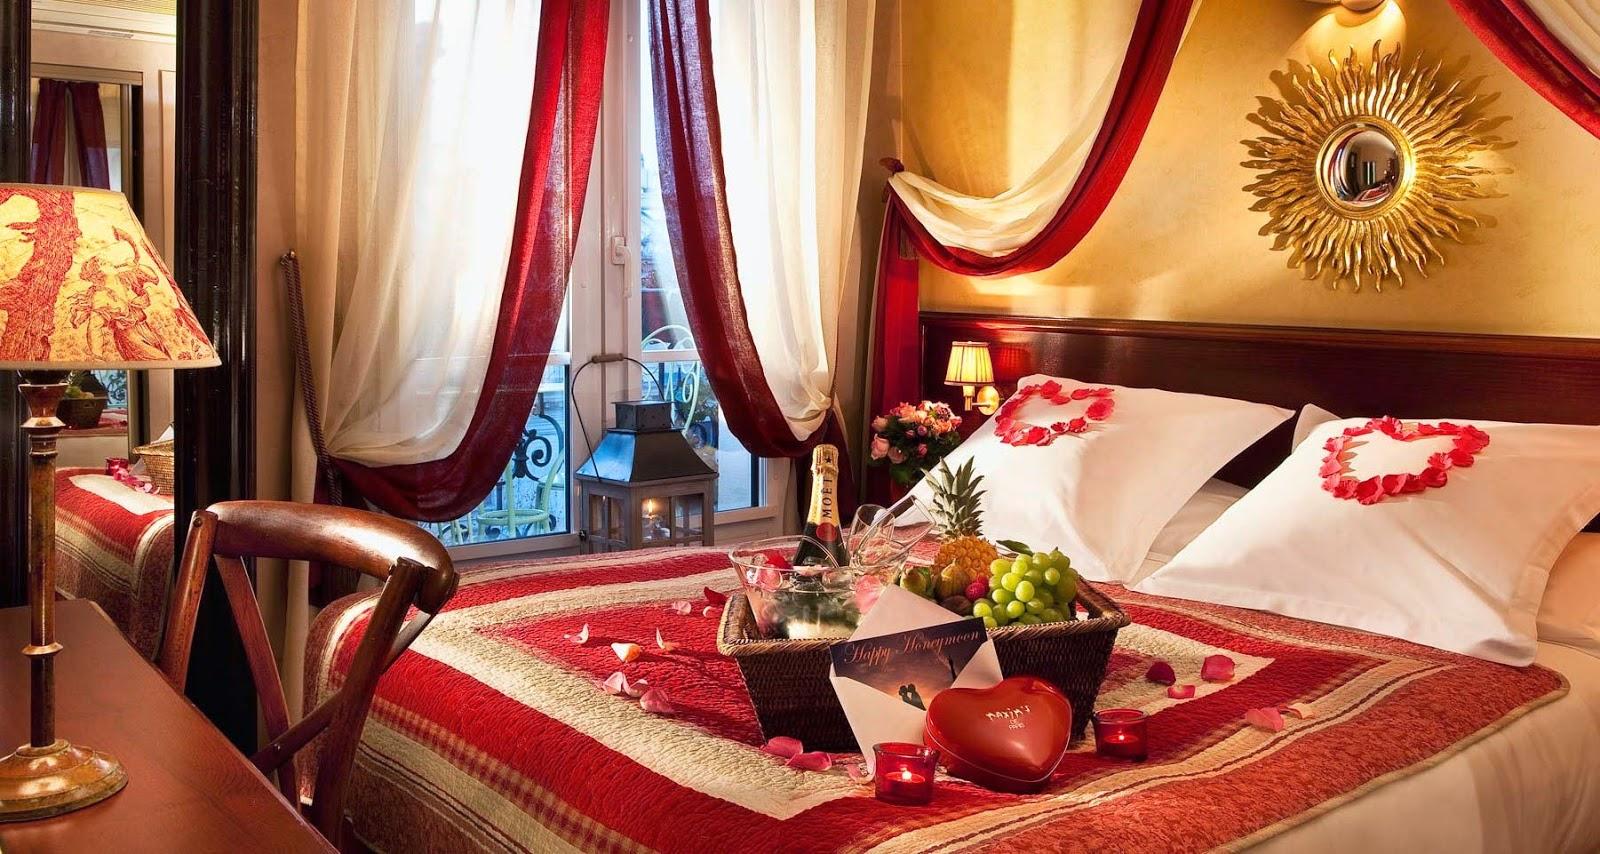 Bedroom Ideas Romantic Setup